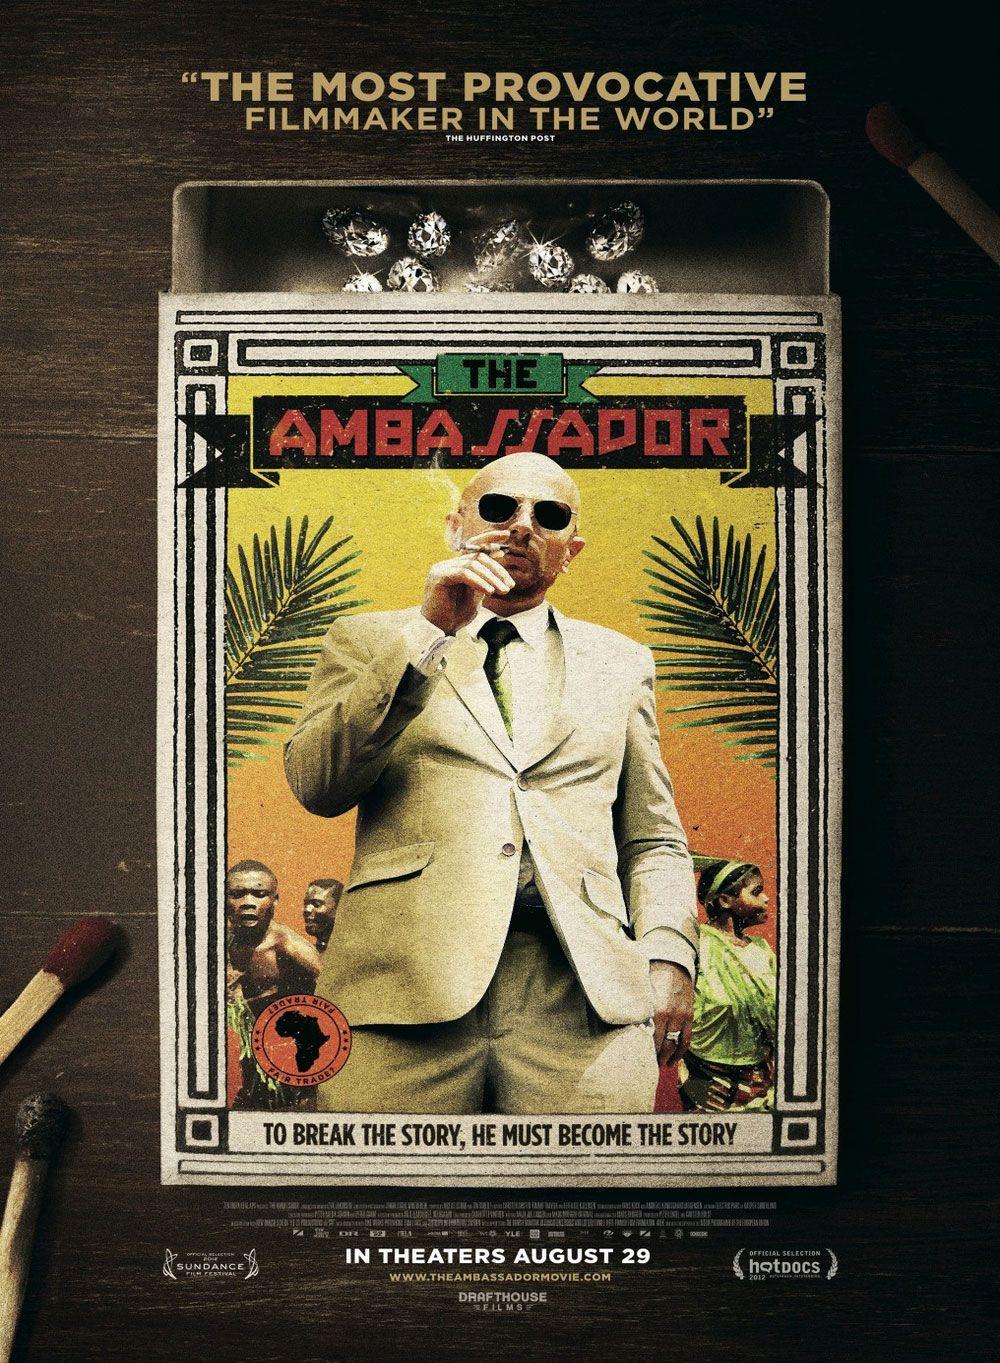 L'ambassadeur - Documentaire (2011)